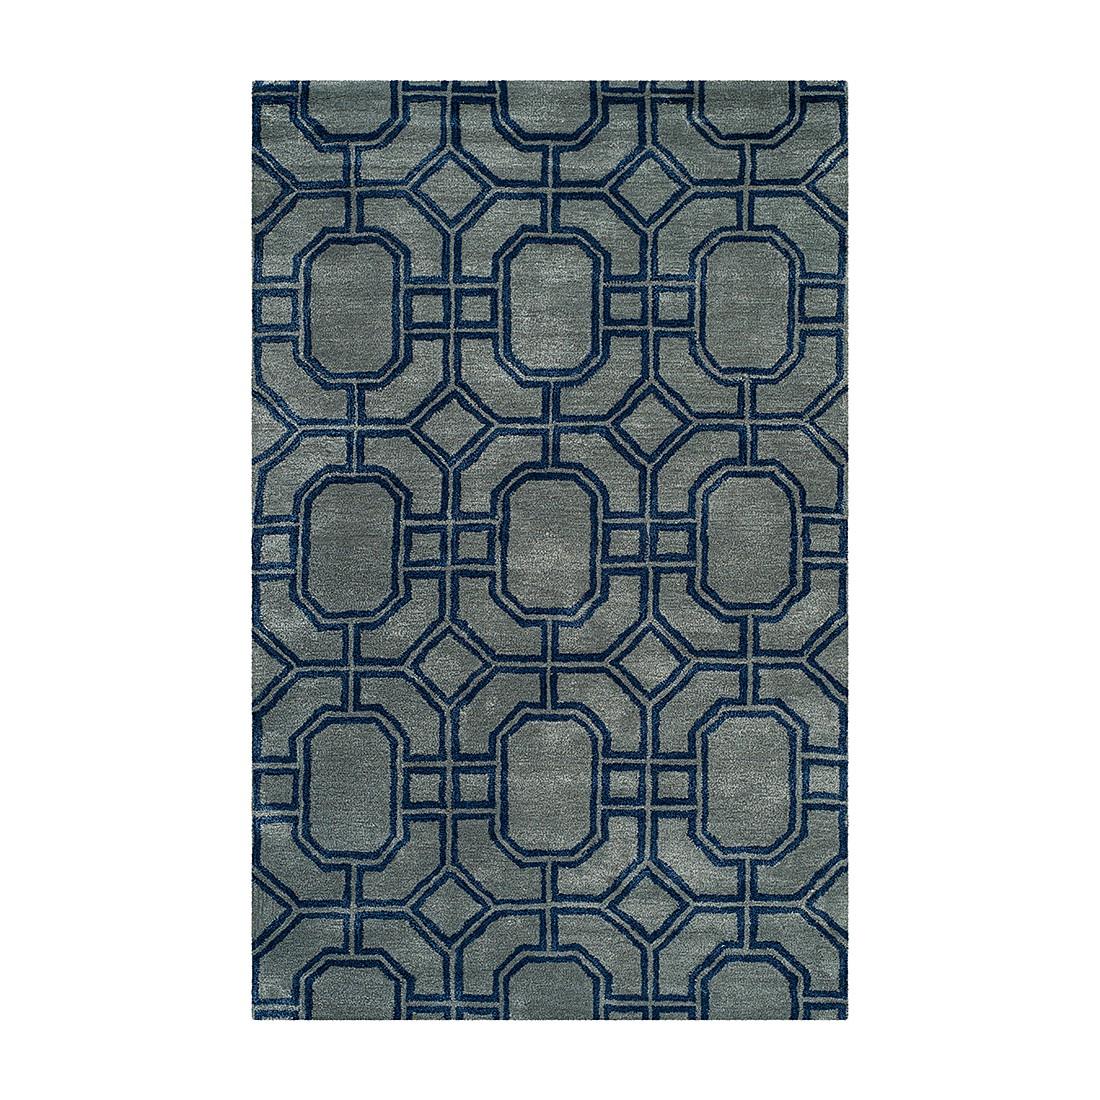 Teppich Milo – Grau/Dunkelblau – 107 x 168 cm, Safavieh günstig kaufen